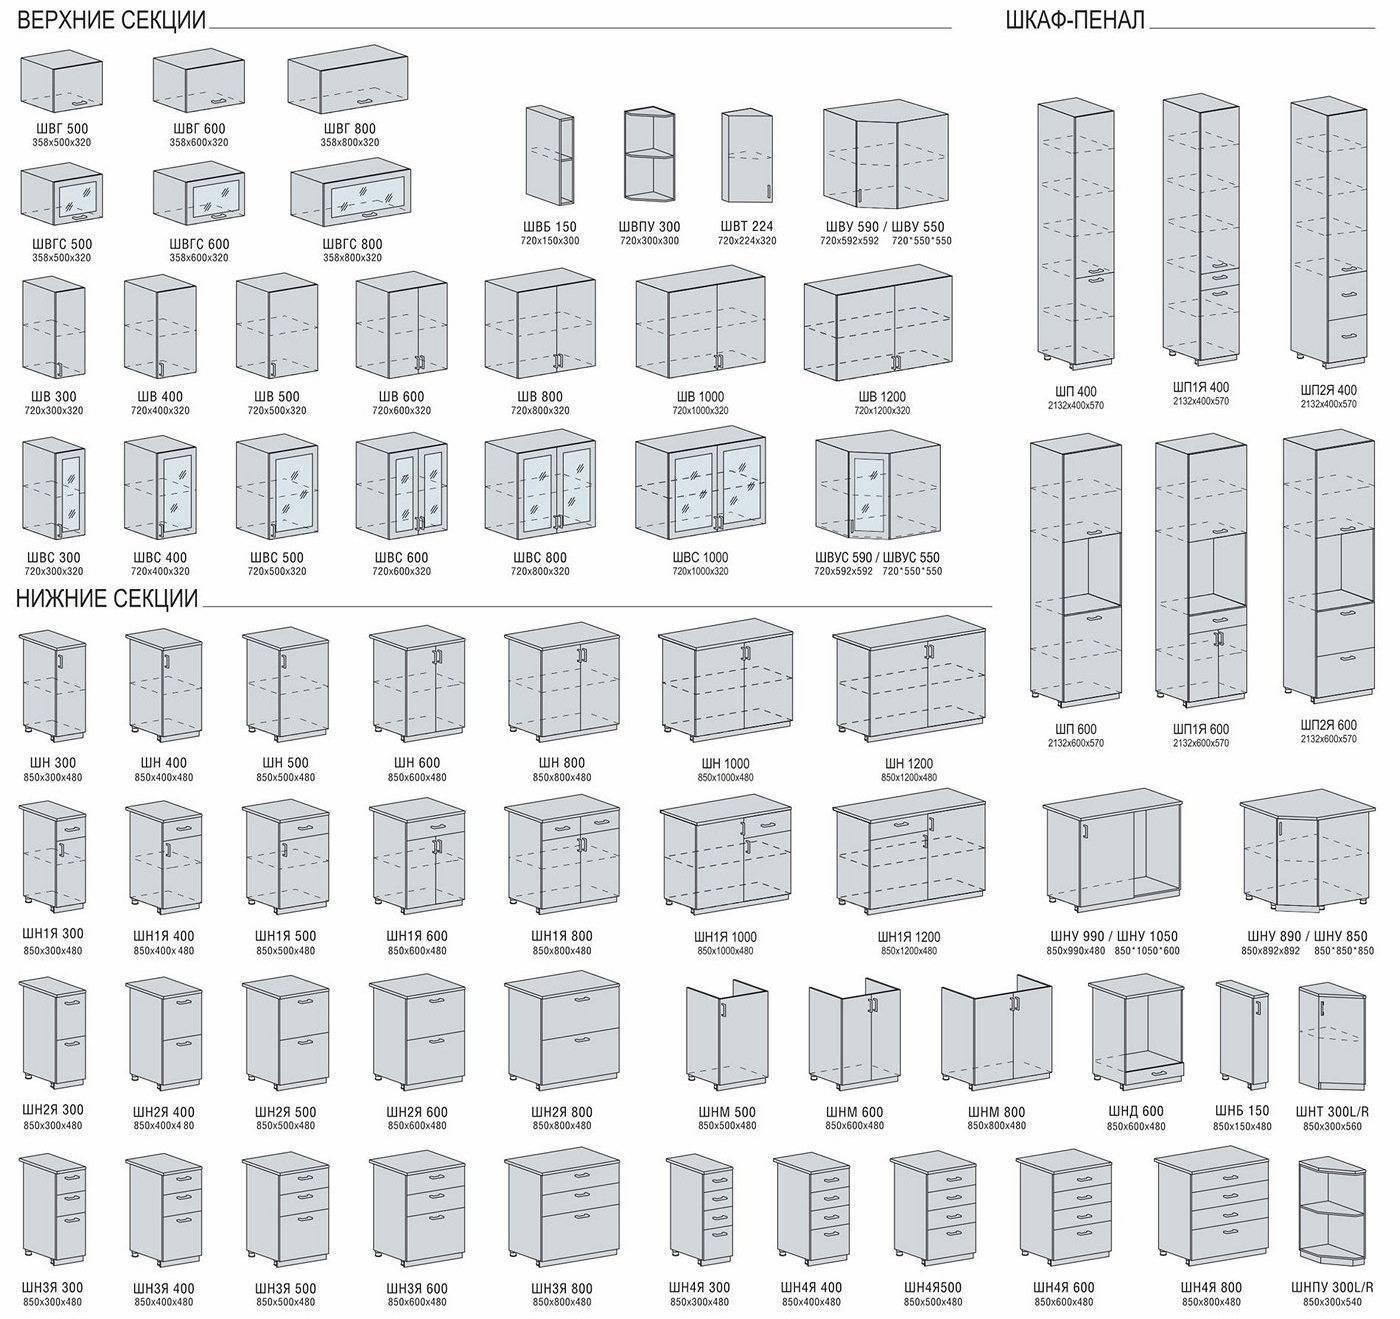 Модульные кухни эконом класса: виды, выбор, набор элементов